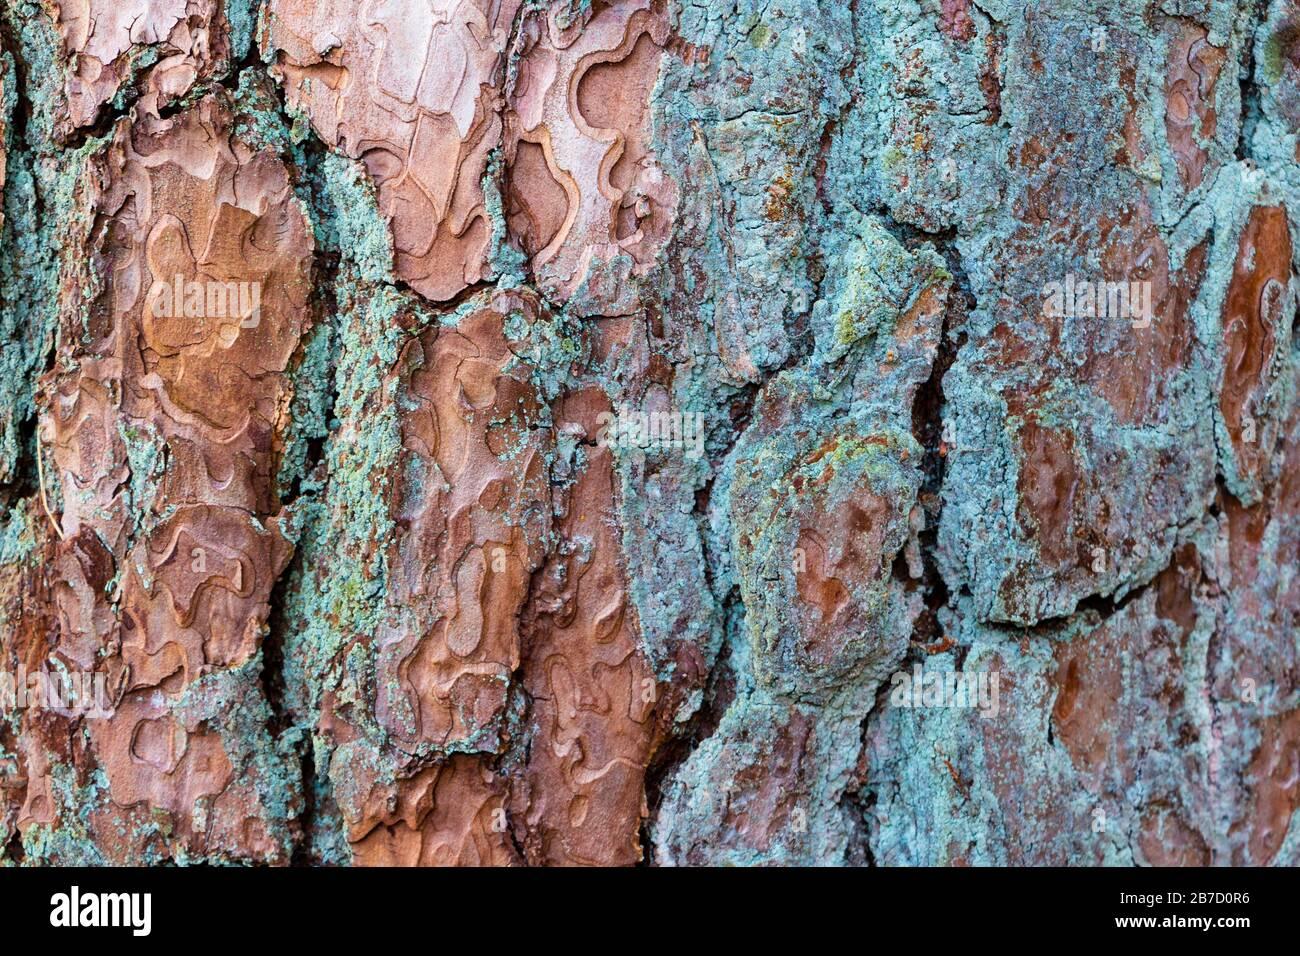 modello di corteccia di albero grossolano con colori verde blu e marrone, bello come sfondo o sfondo nella vostra foto Foto Stock